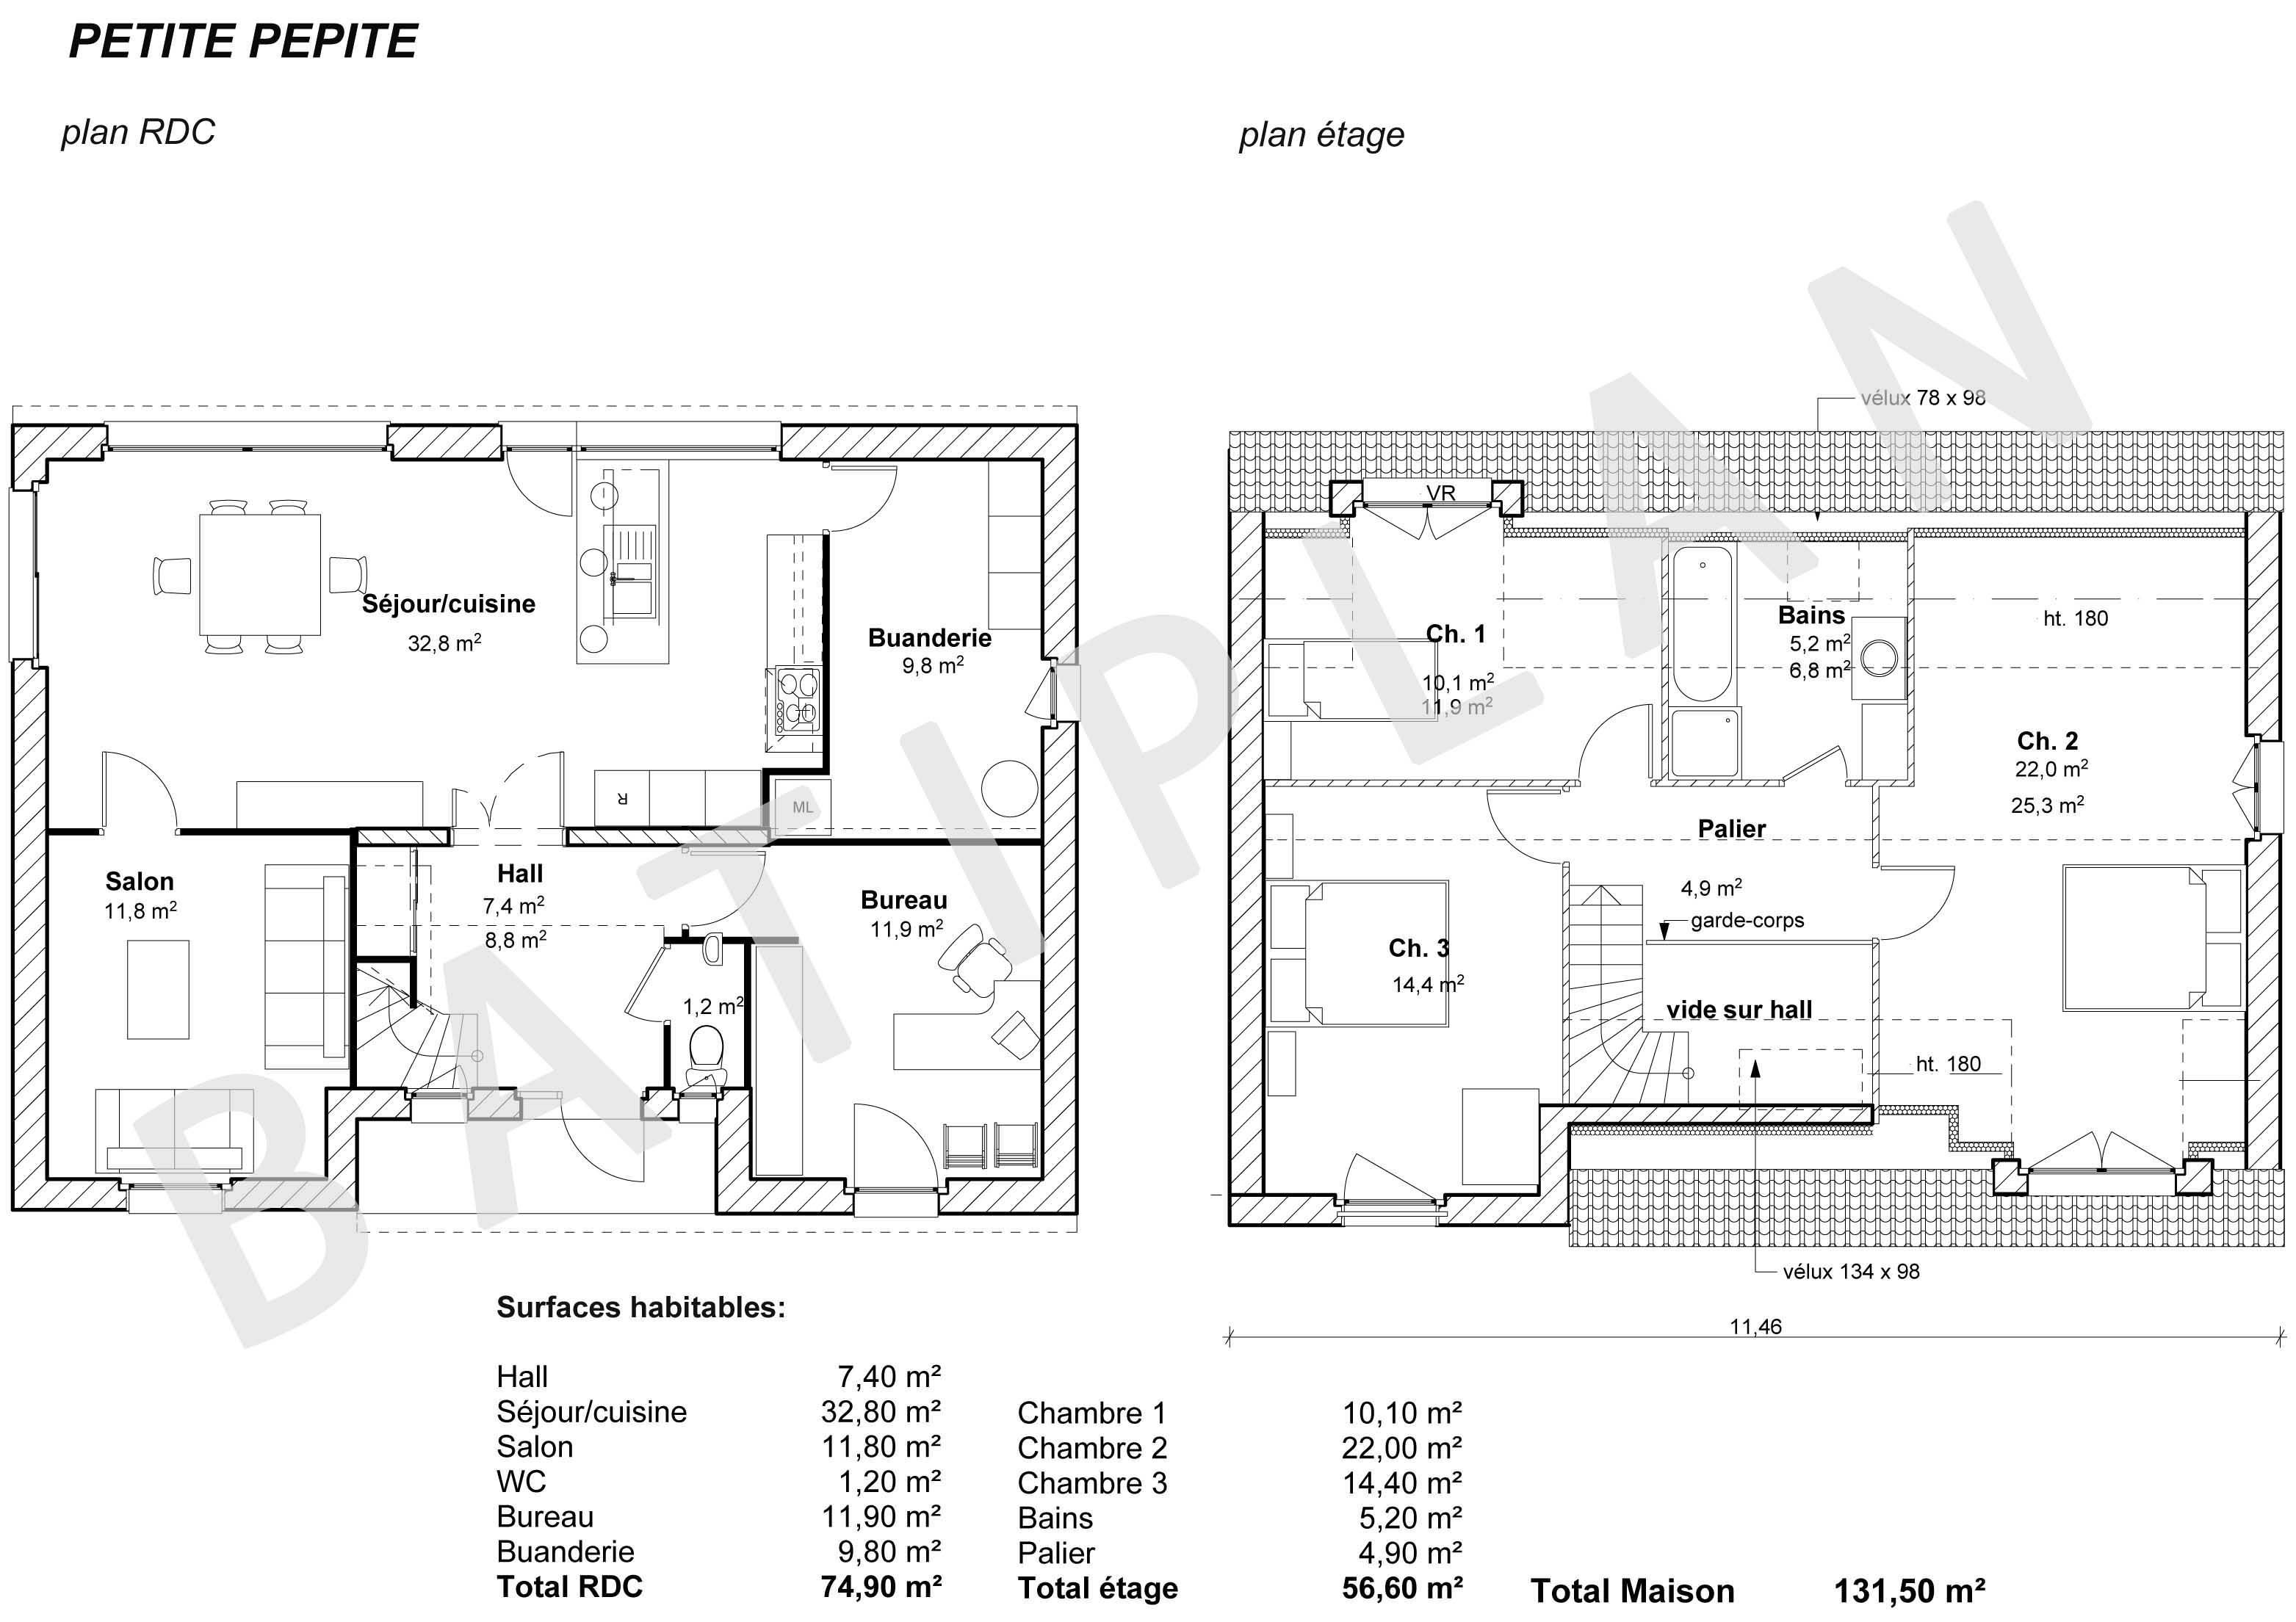 Plans et permis de construire notre plan de maison petite pepite - Plan de coupe de maison ...